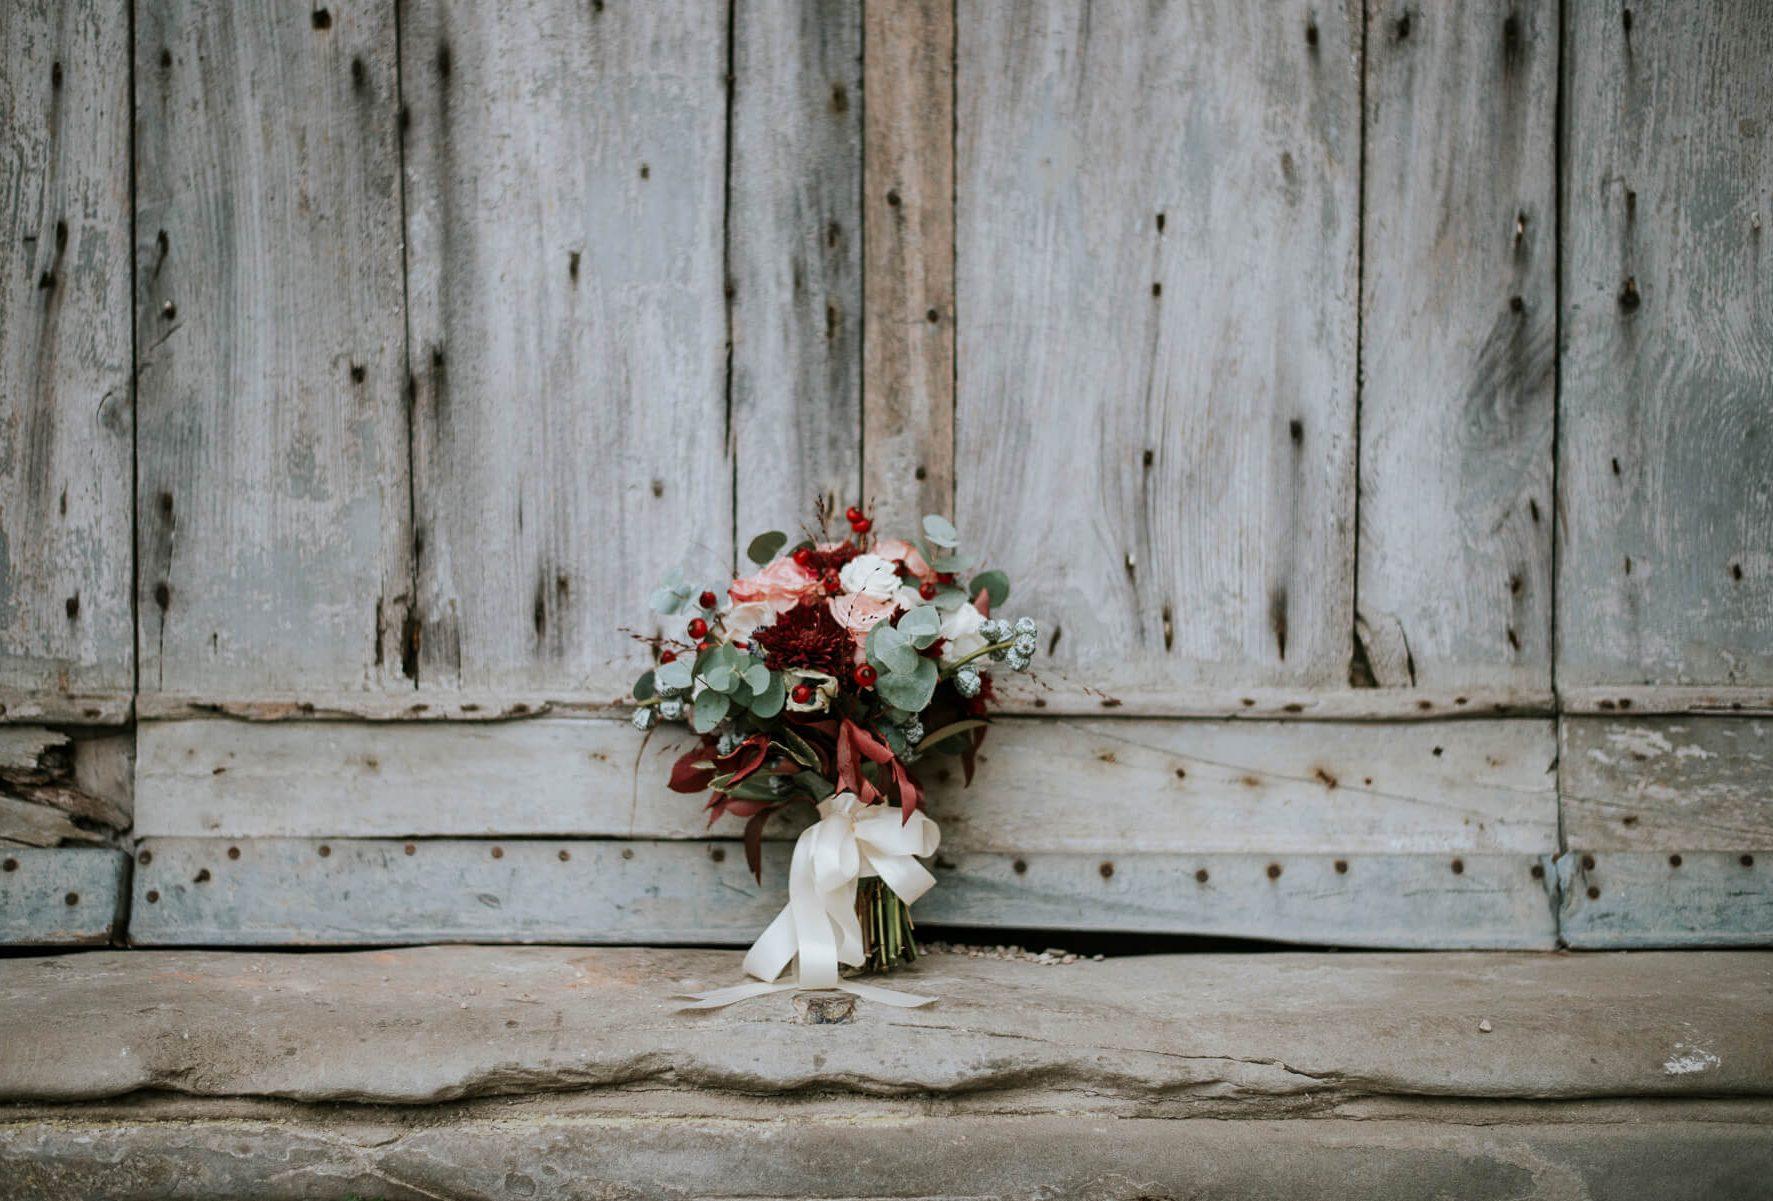 Servizio fotografico matrimonio - bouquet romantico